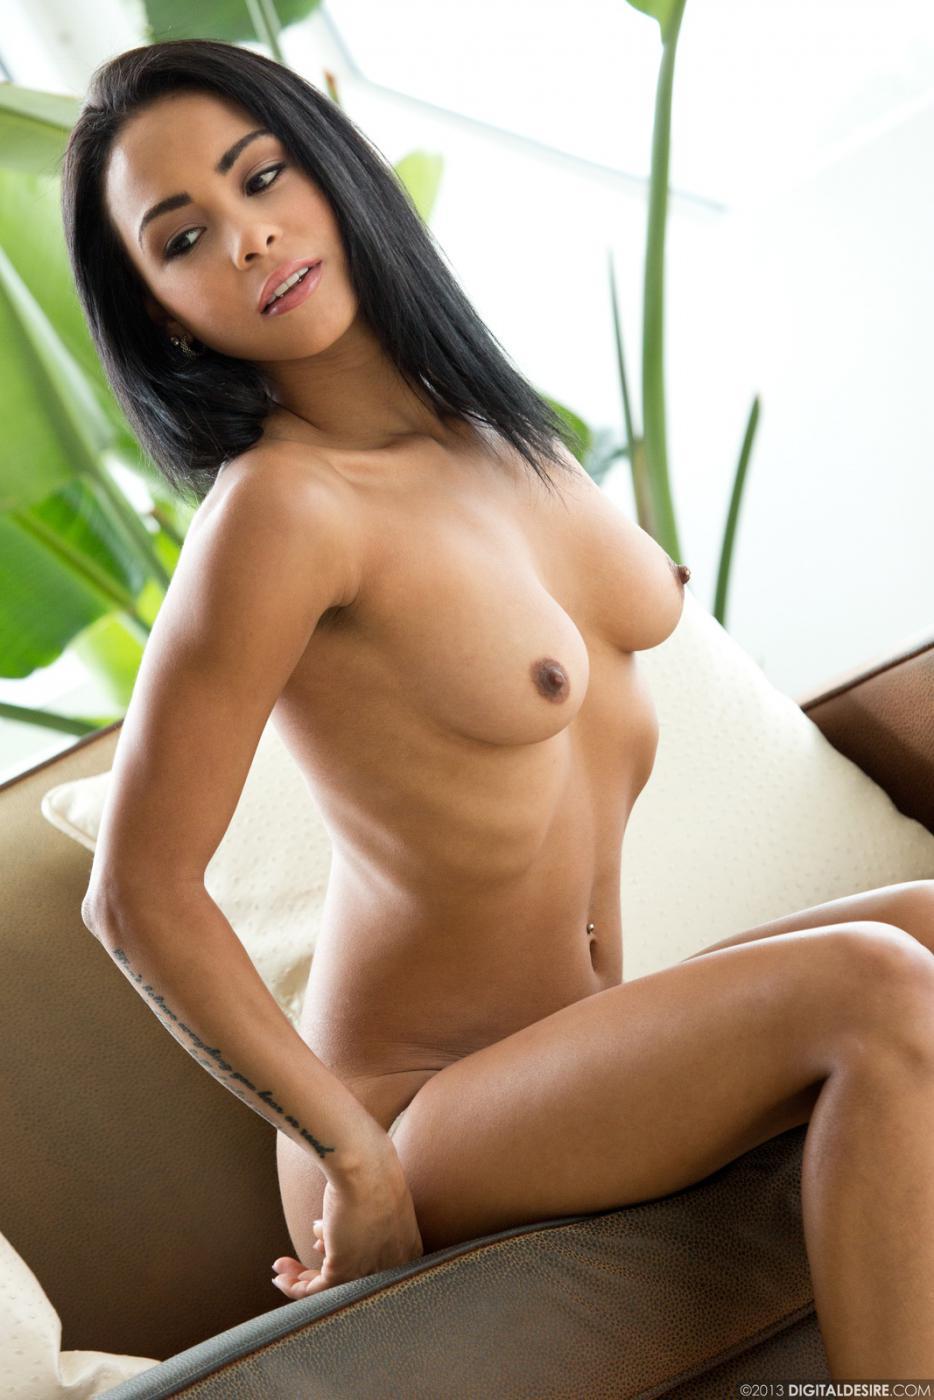 Молодая латинка Gulliana Alexis спешит снять белые трусики и показать свое горячее тело